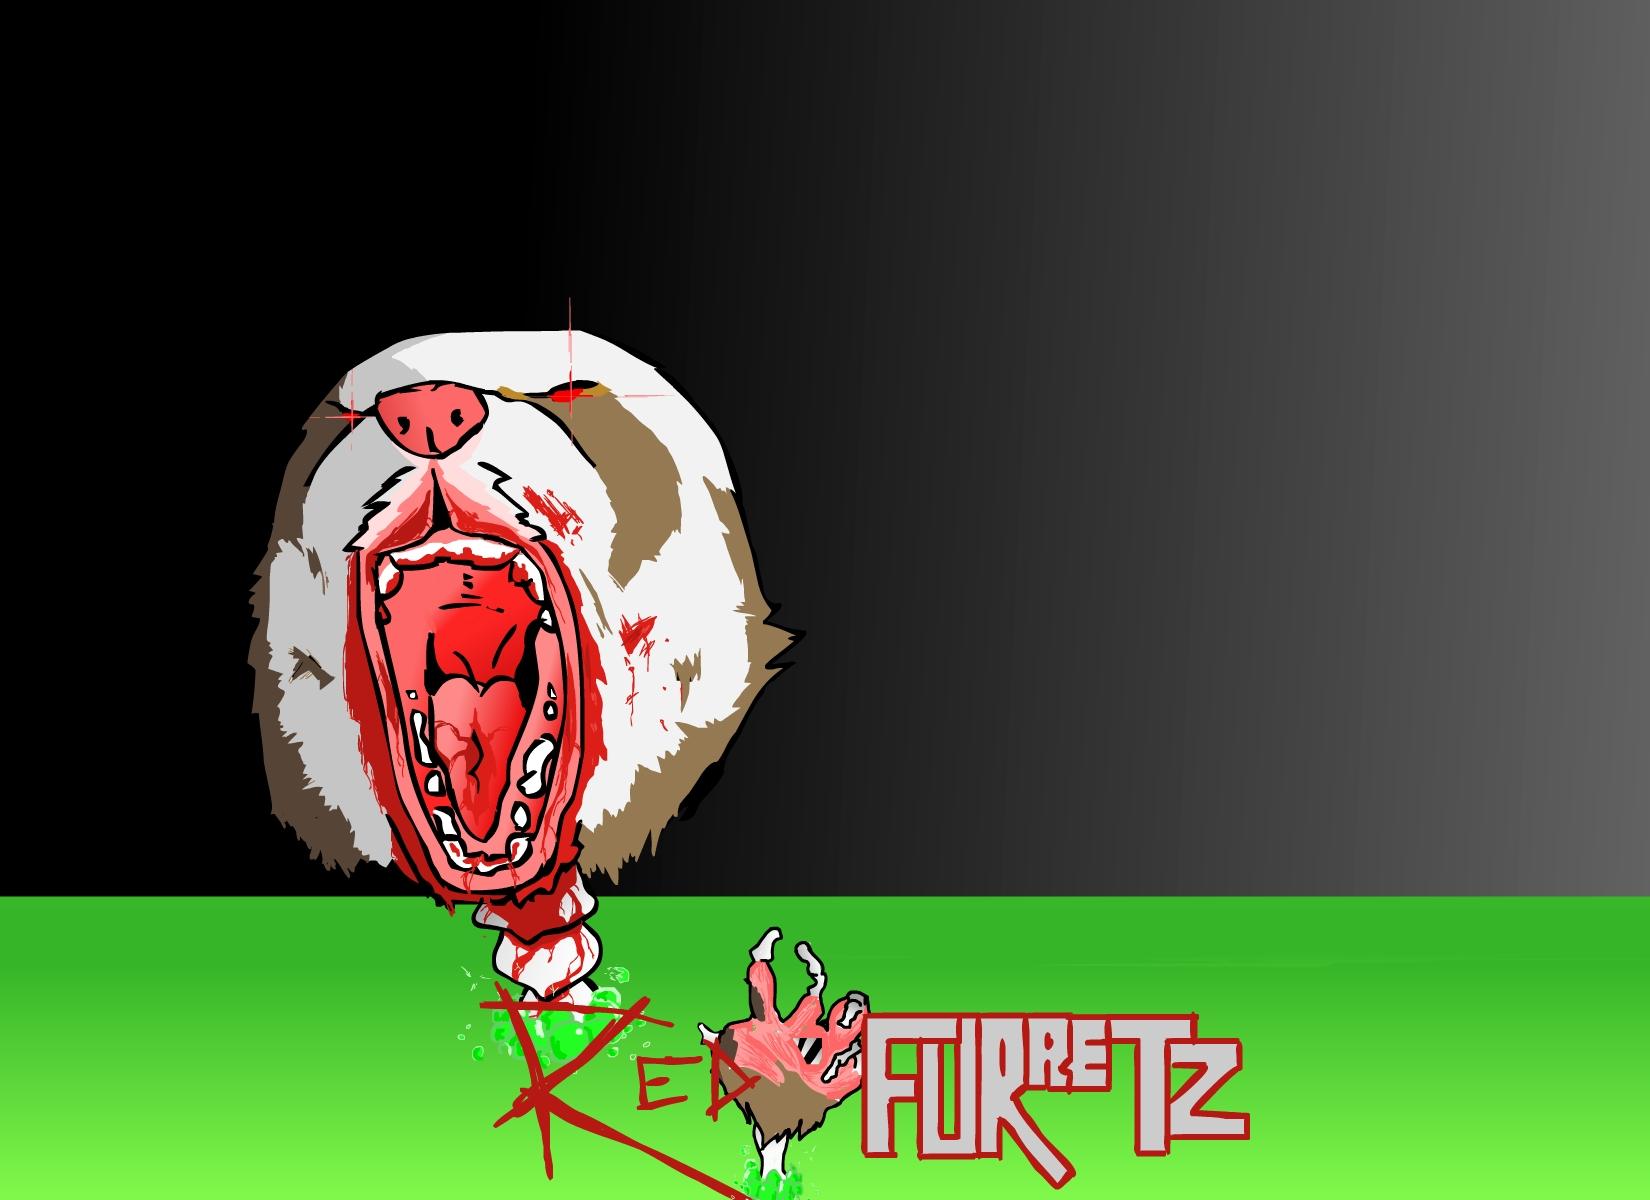 Red Furretz